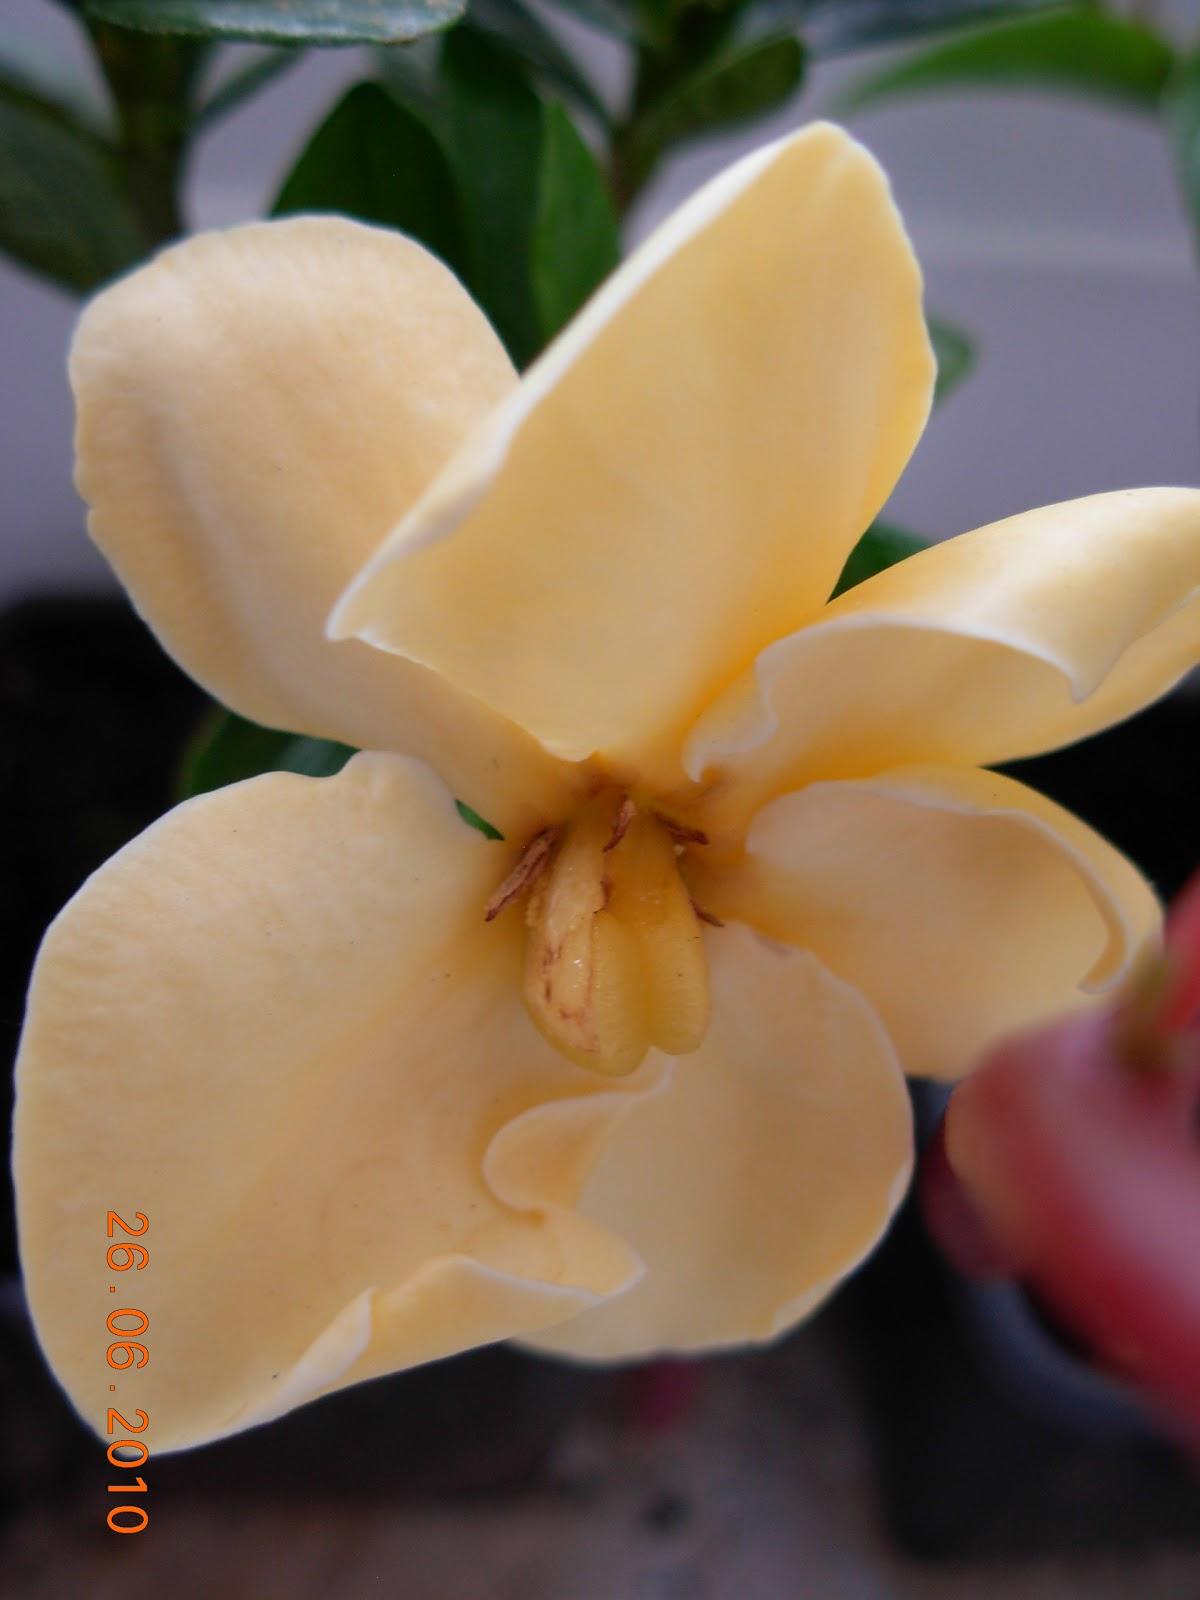 http://2.bp.blogspot.com/_Bj0N00uEZm4/TCbnM046W7I/AAAAAAAACSs/t1KPuunIGbo/s1600/Gardenia+Kleims+Hardy2.jpg